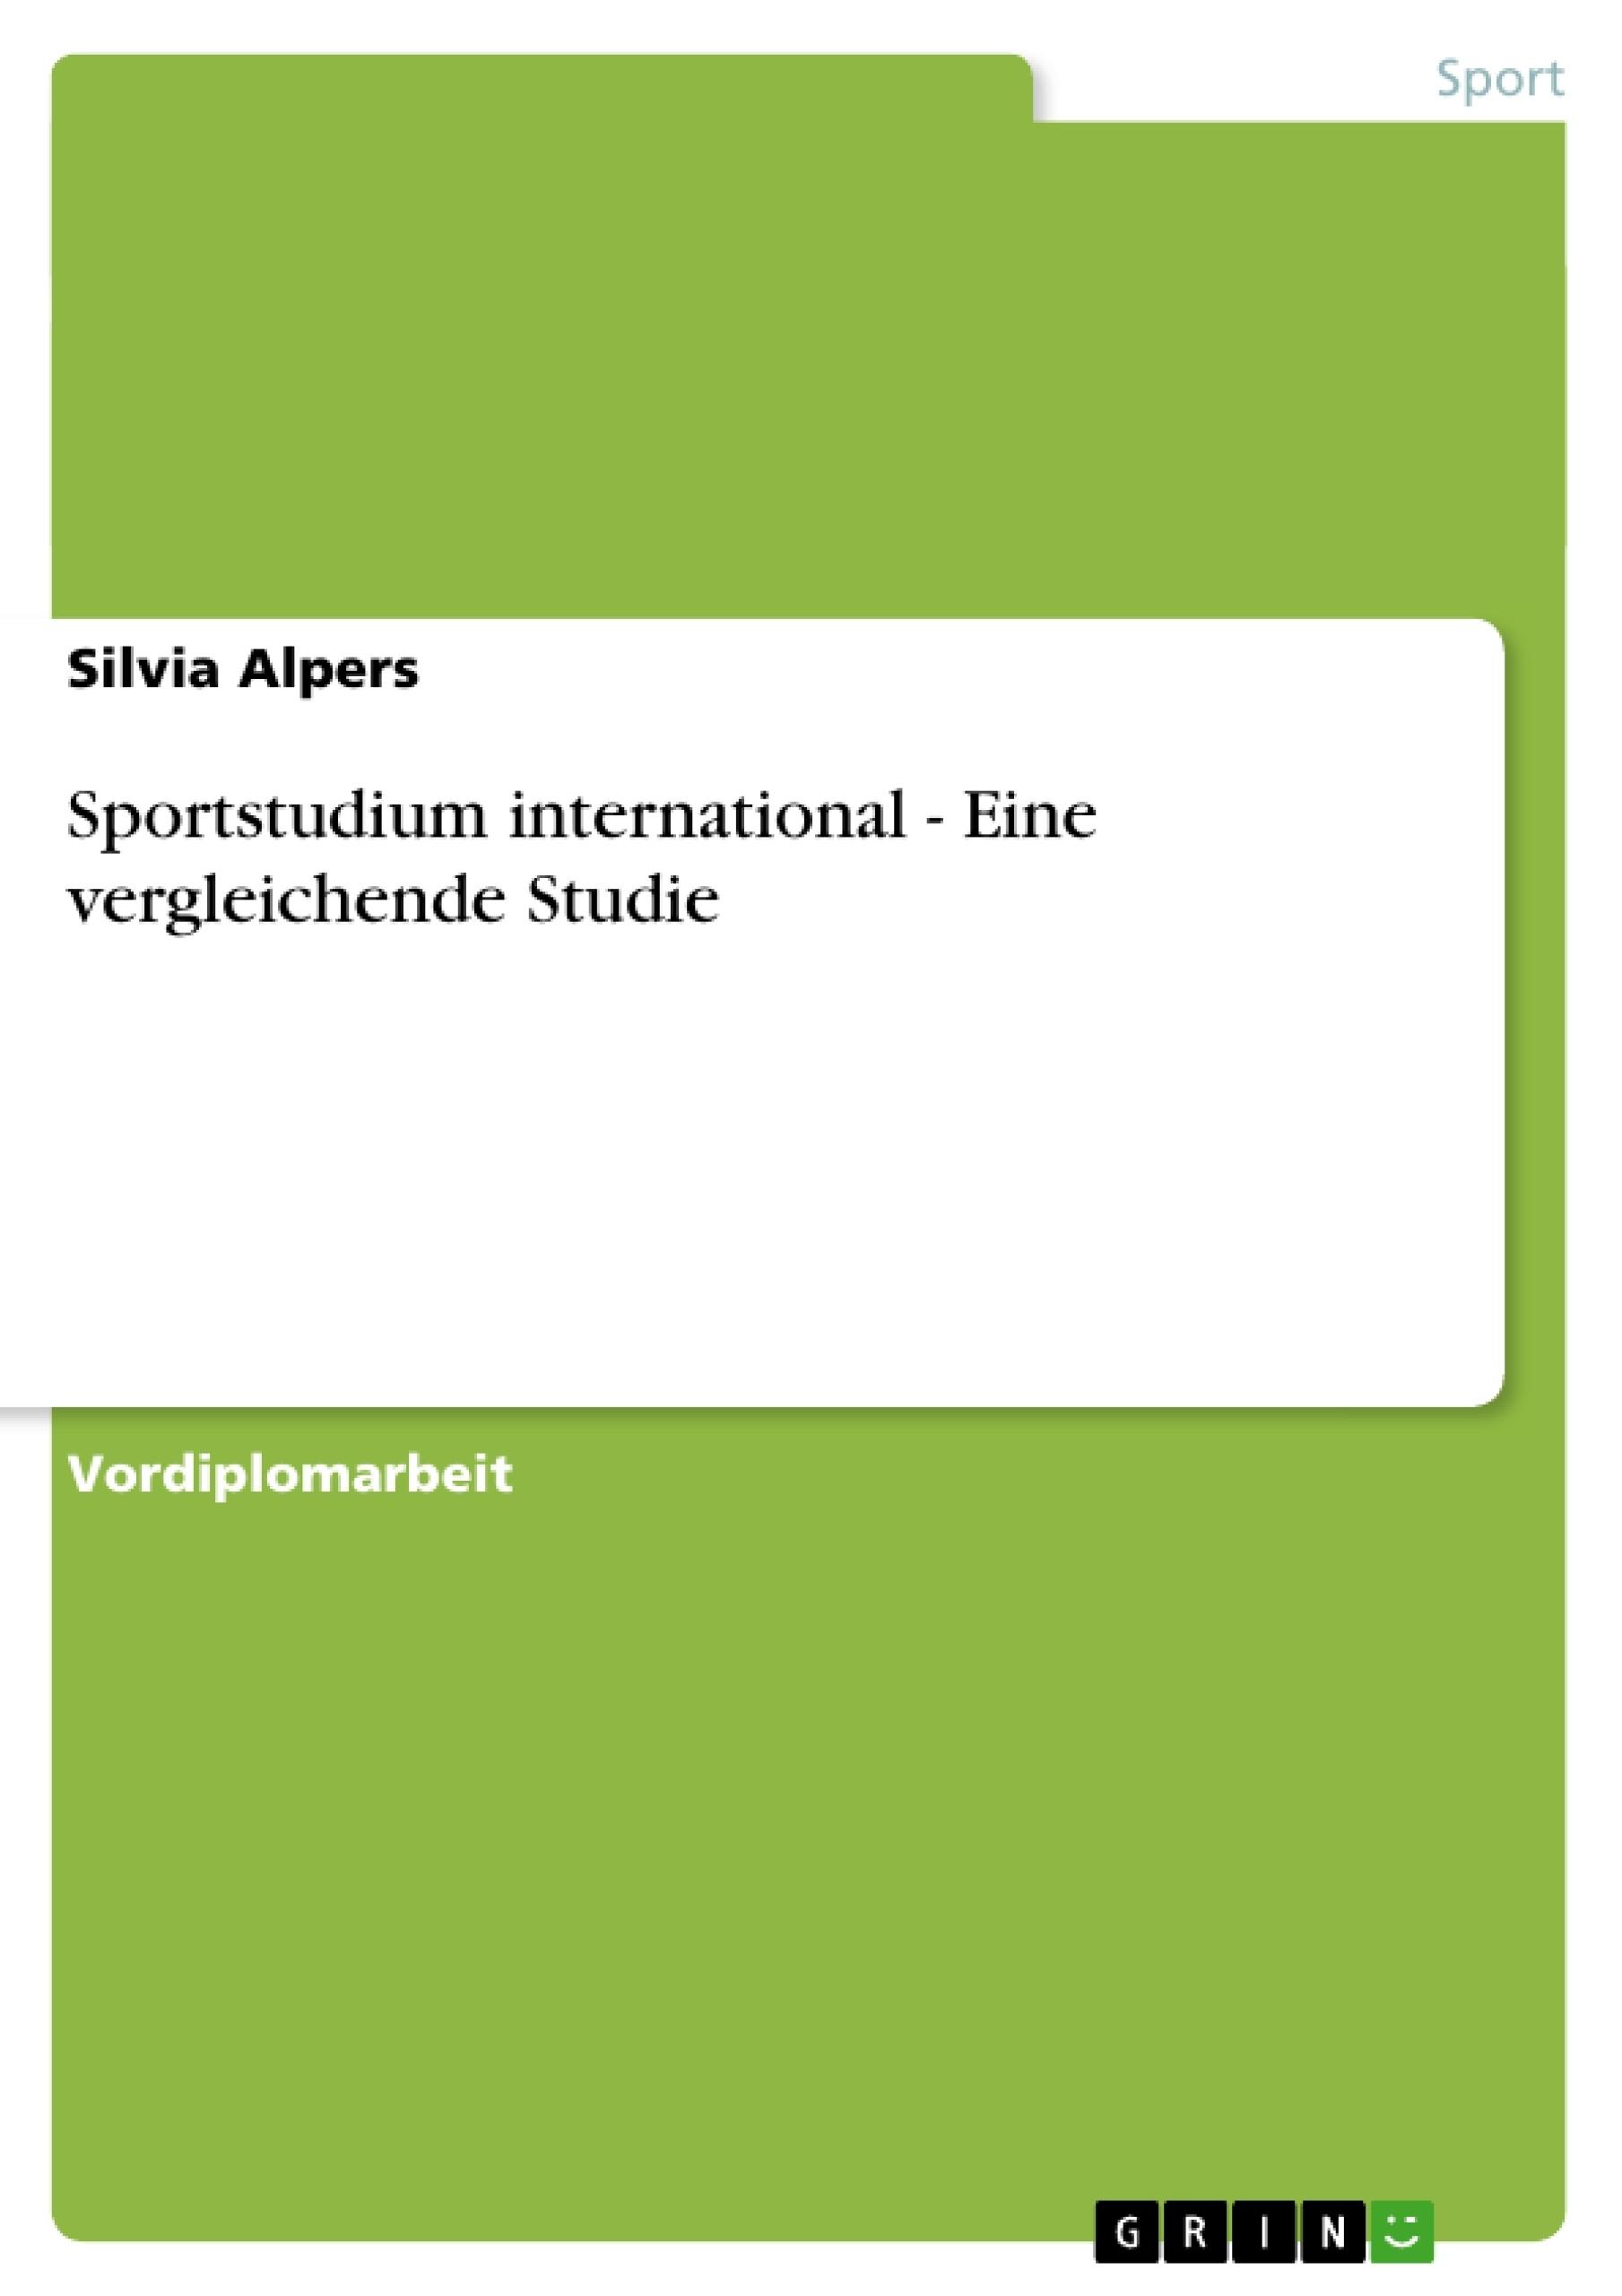 Titel: Sportstudium international - Eine vergleichende Studie